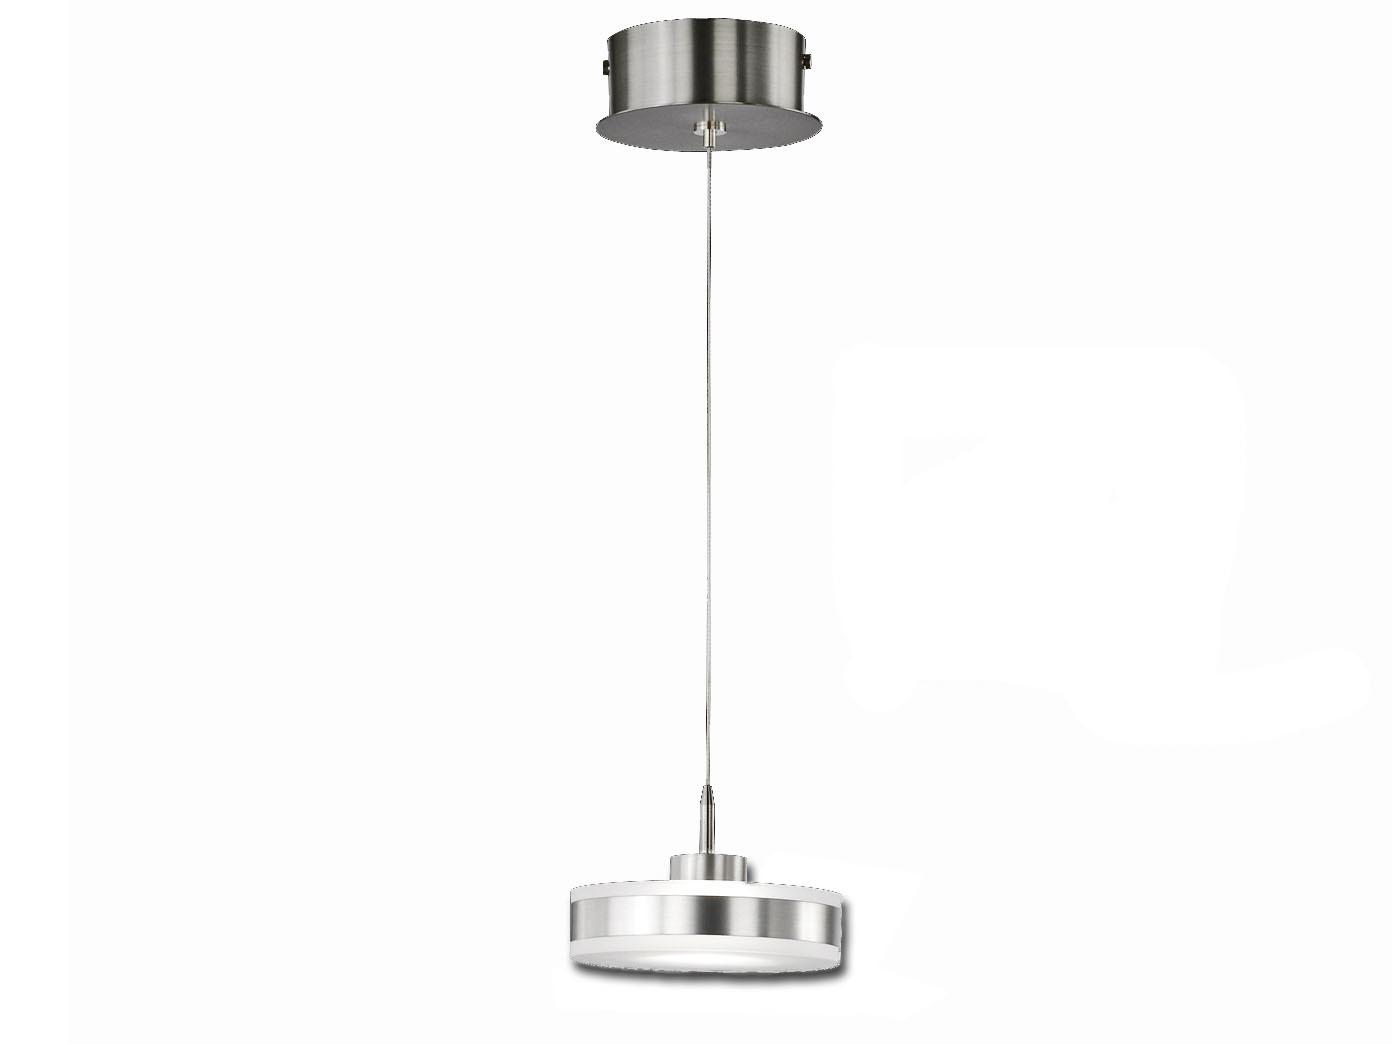 led pendelleuchte puk 14cm dimmbar h henverstellbar. Black Bedroom Furniture Sets. Home Design Ideas